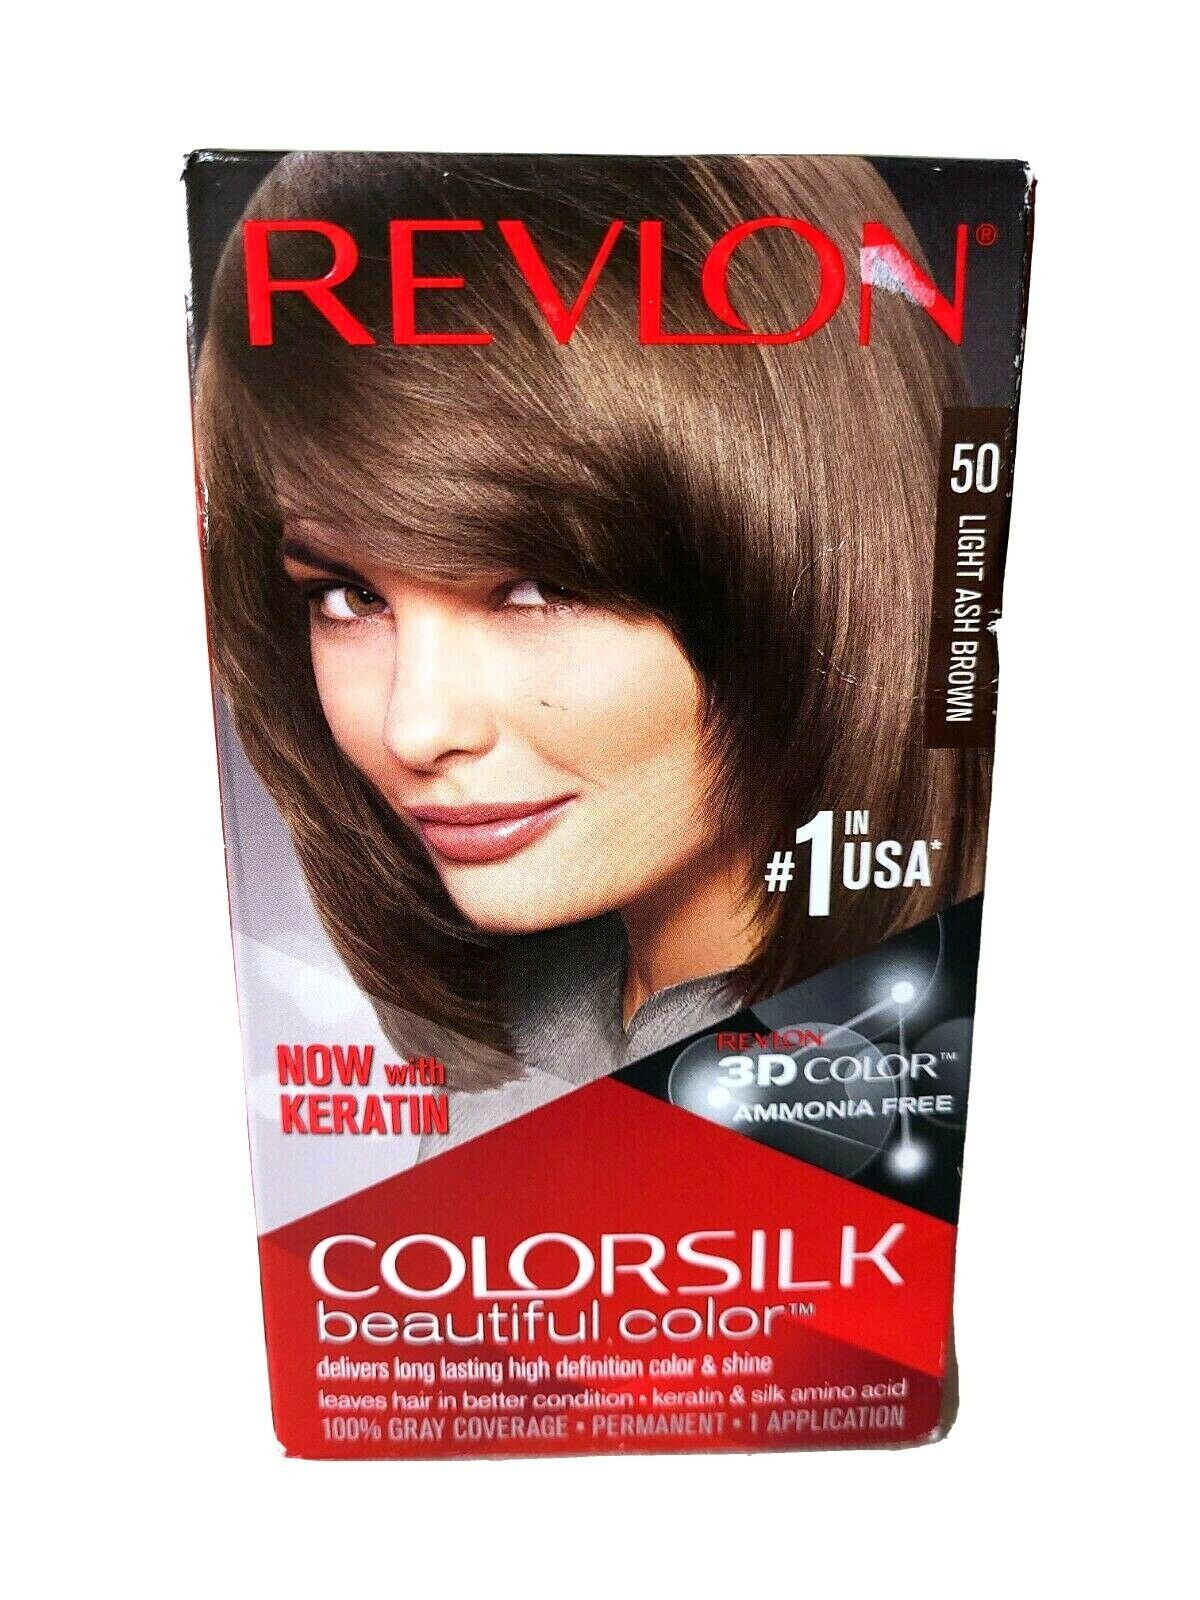 Revlon Colorsilk 3D Pelo Color con Queratina sin Amoníaco #50 Luz Ash Marrón 8 - $8.45